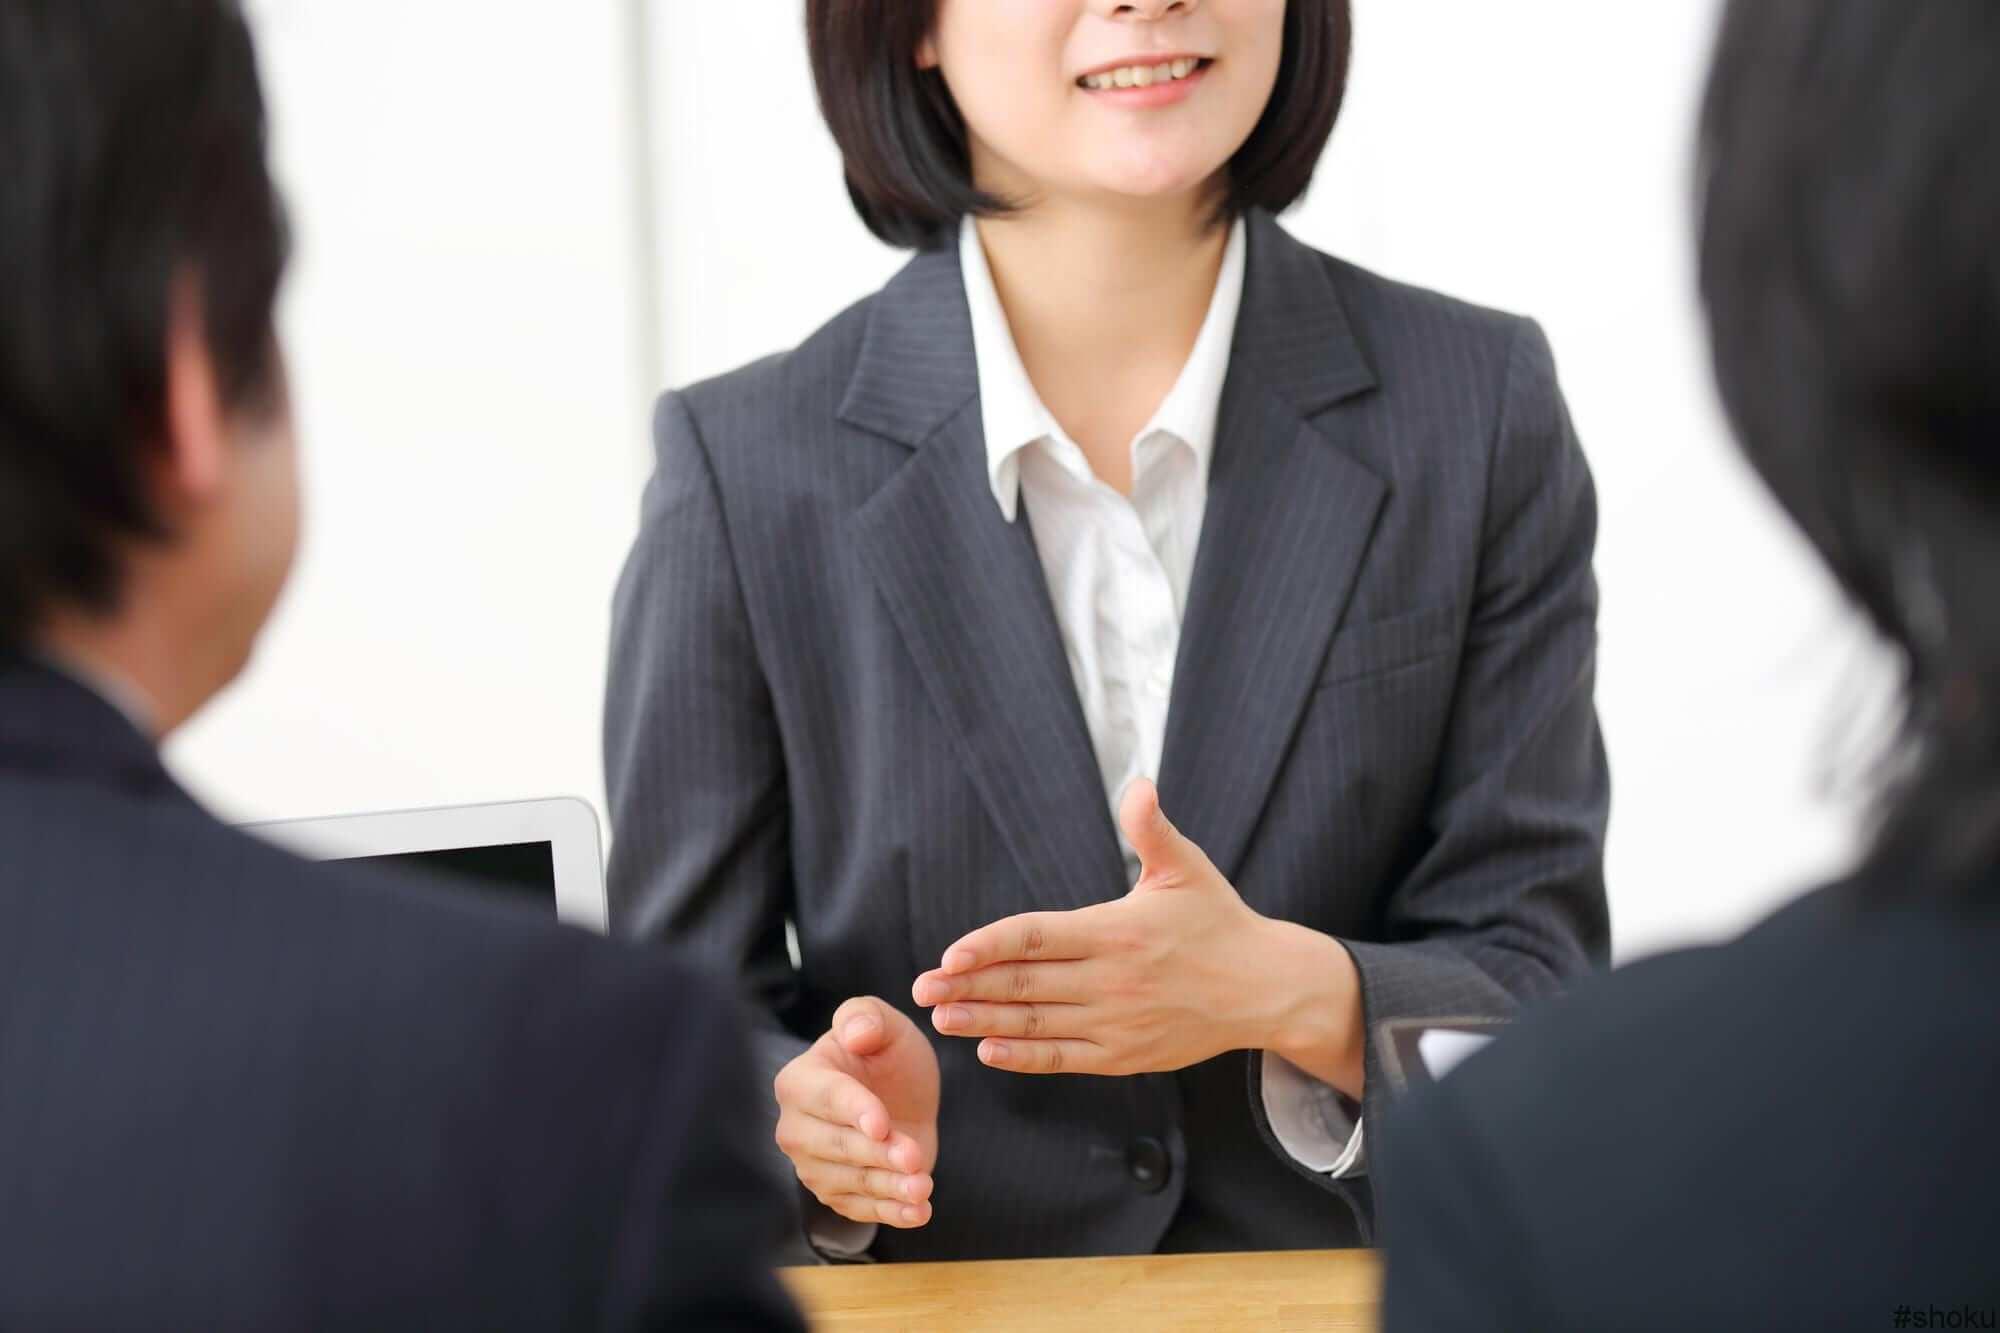 「第一印象」と「積極的な質問」は面接のポイントUPの方法である事を説明する女性